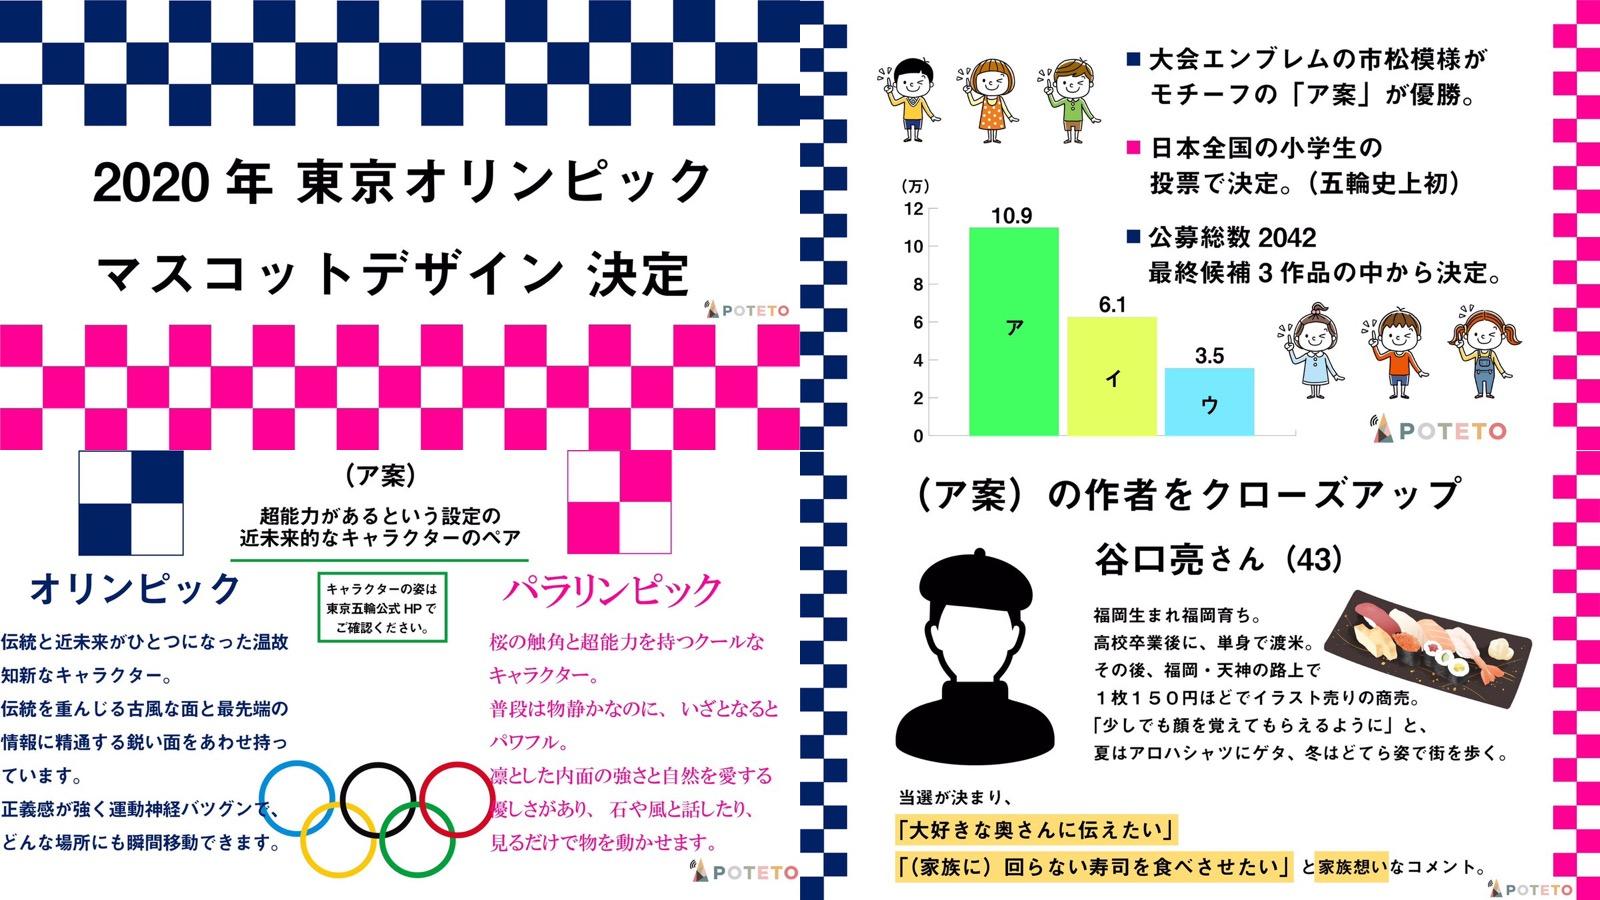 612f43071a2a0f44423b8bcb86c93e1a - 東京オリンピックマスコット決定!